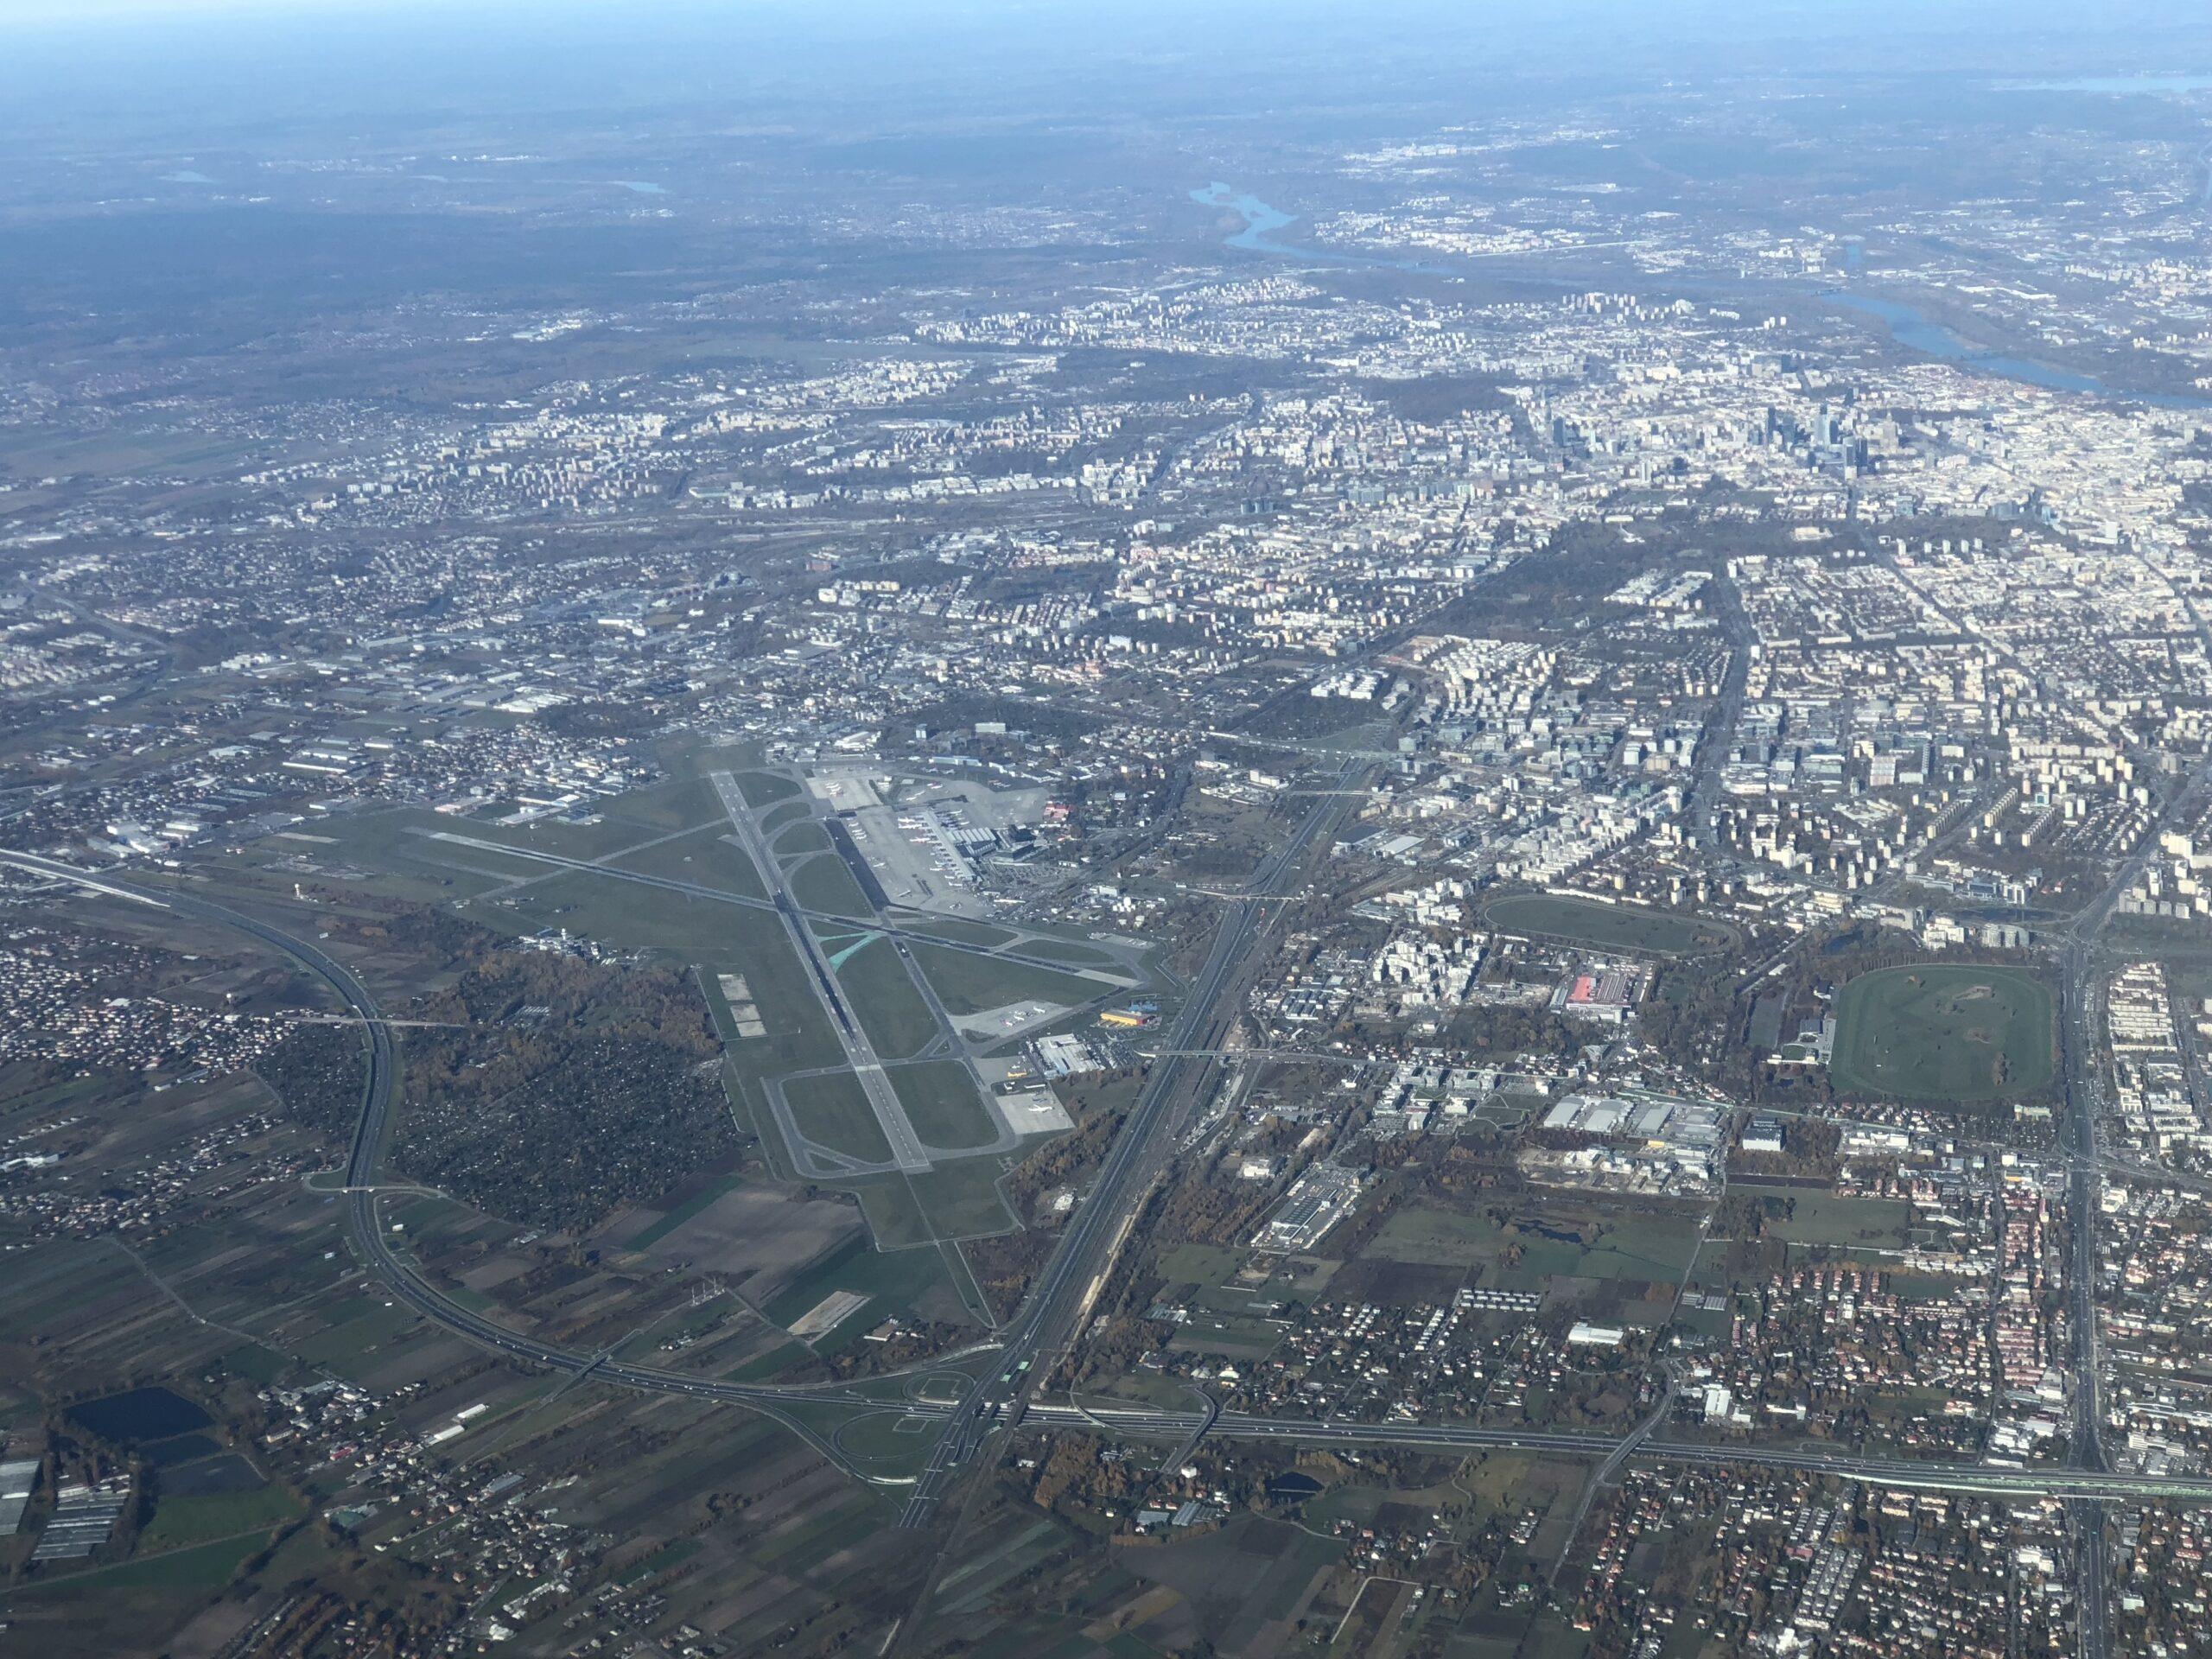 Lotnisko Warszawa-Okęcie (WAW/EPWA)